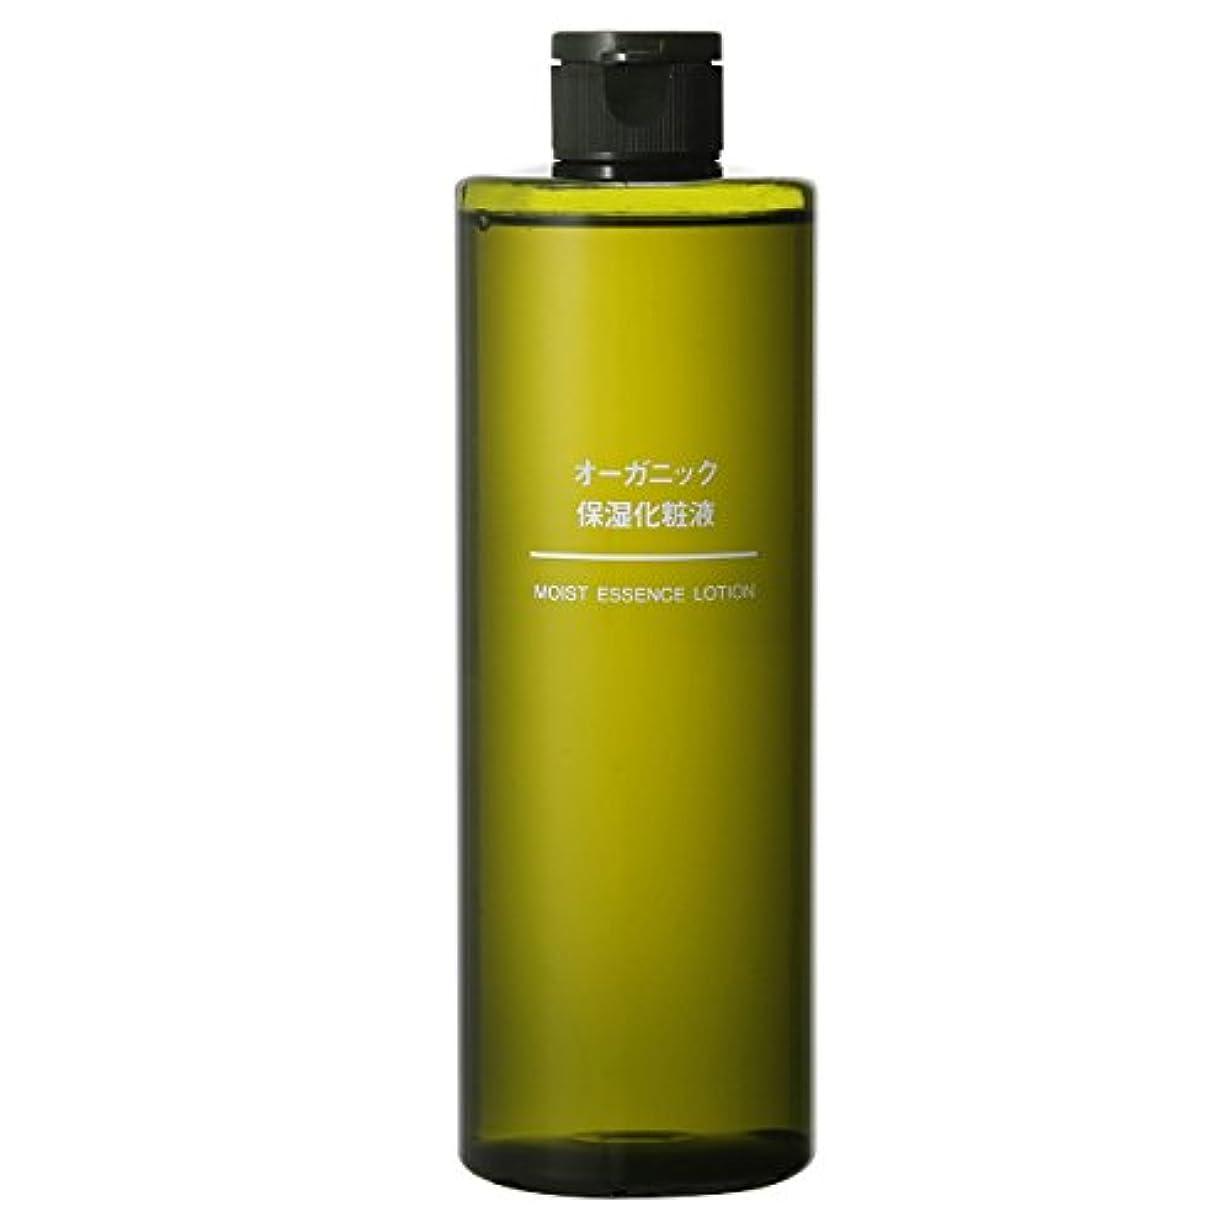 ひいきにする憂鬱な忠誠無印良品 オーガニック保湿化粧液(大容量) 400ml